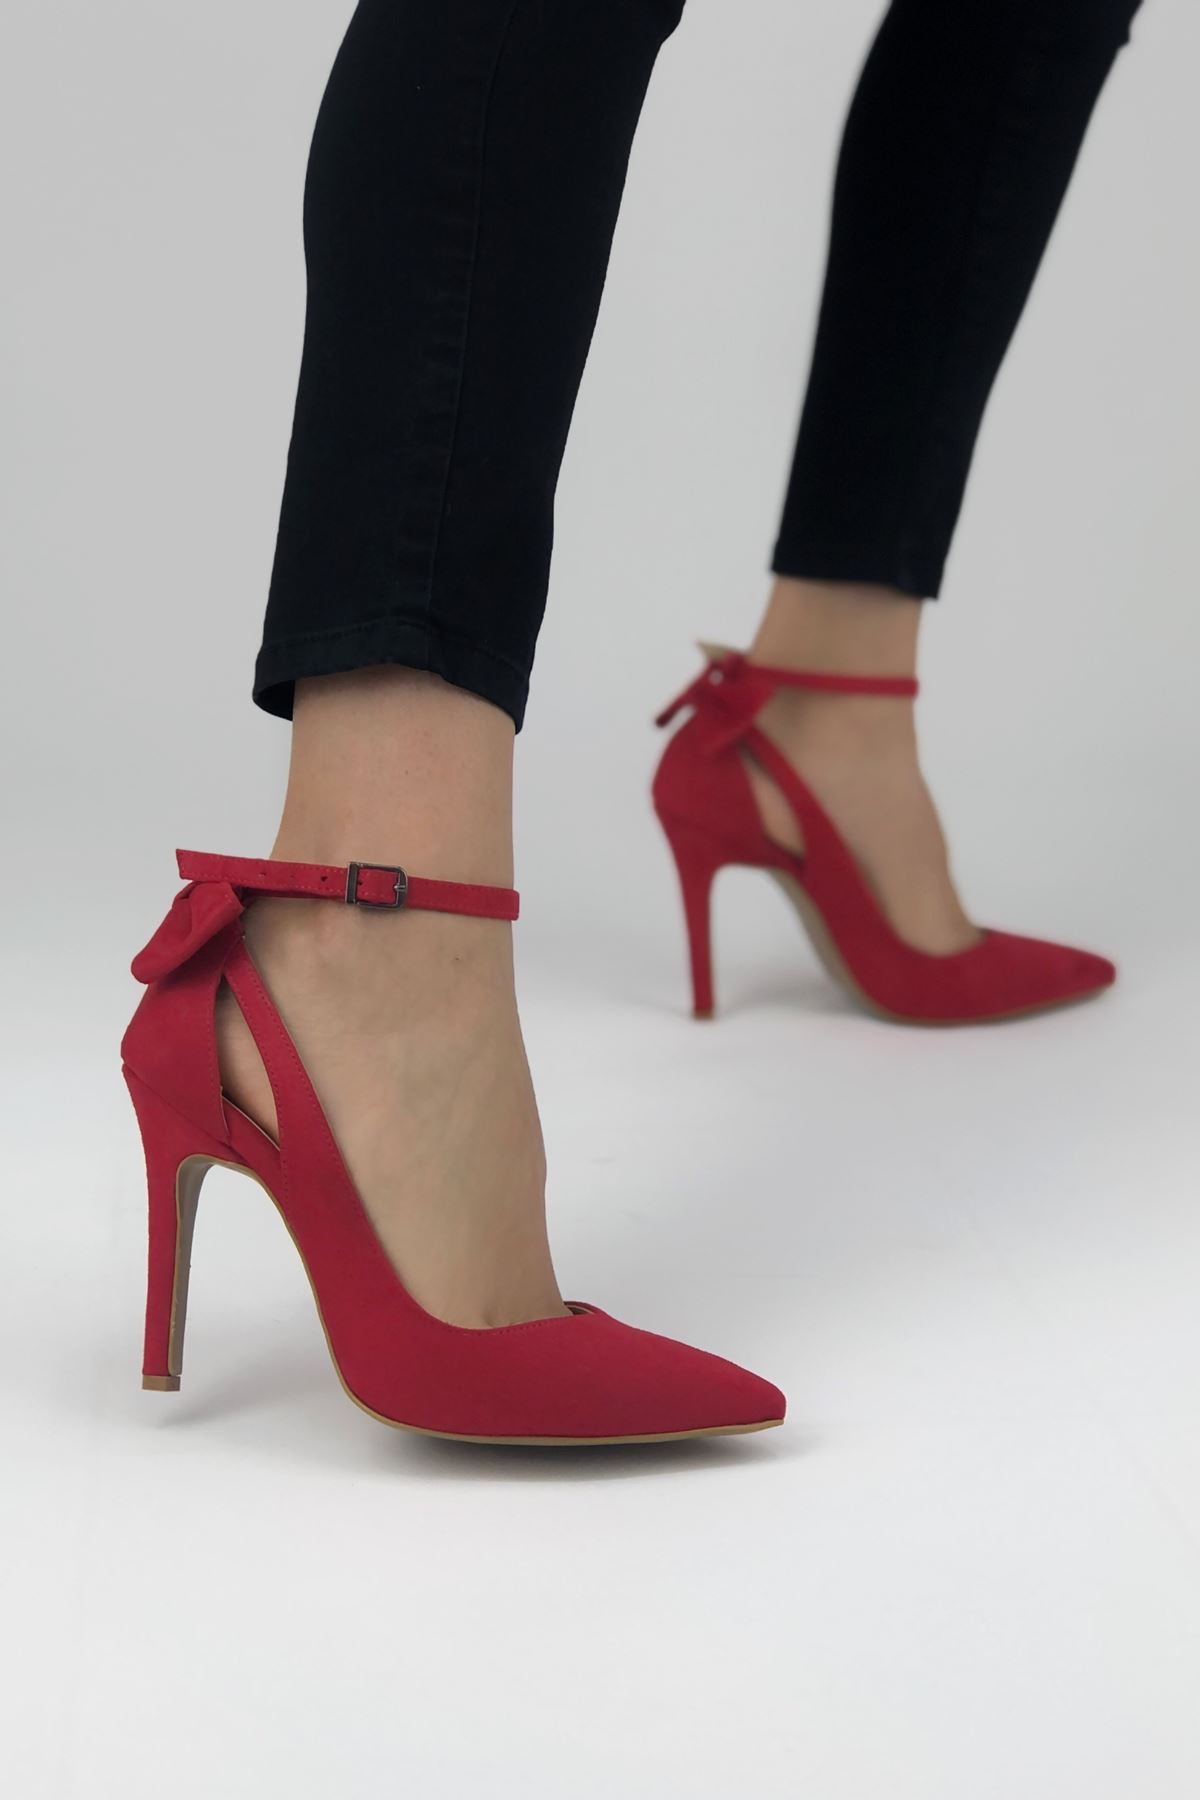 Luther Papyonlu Kırmızı Süet Kadın Ayakkabı